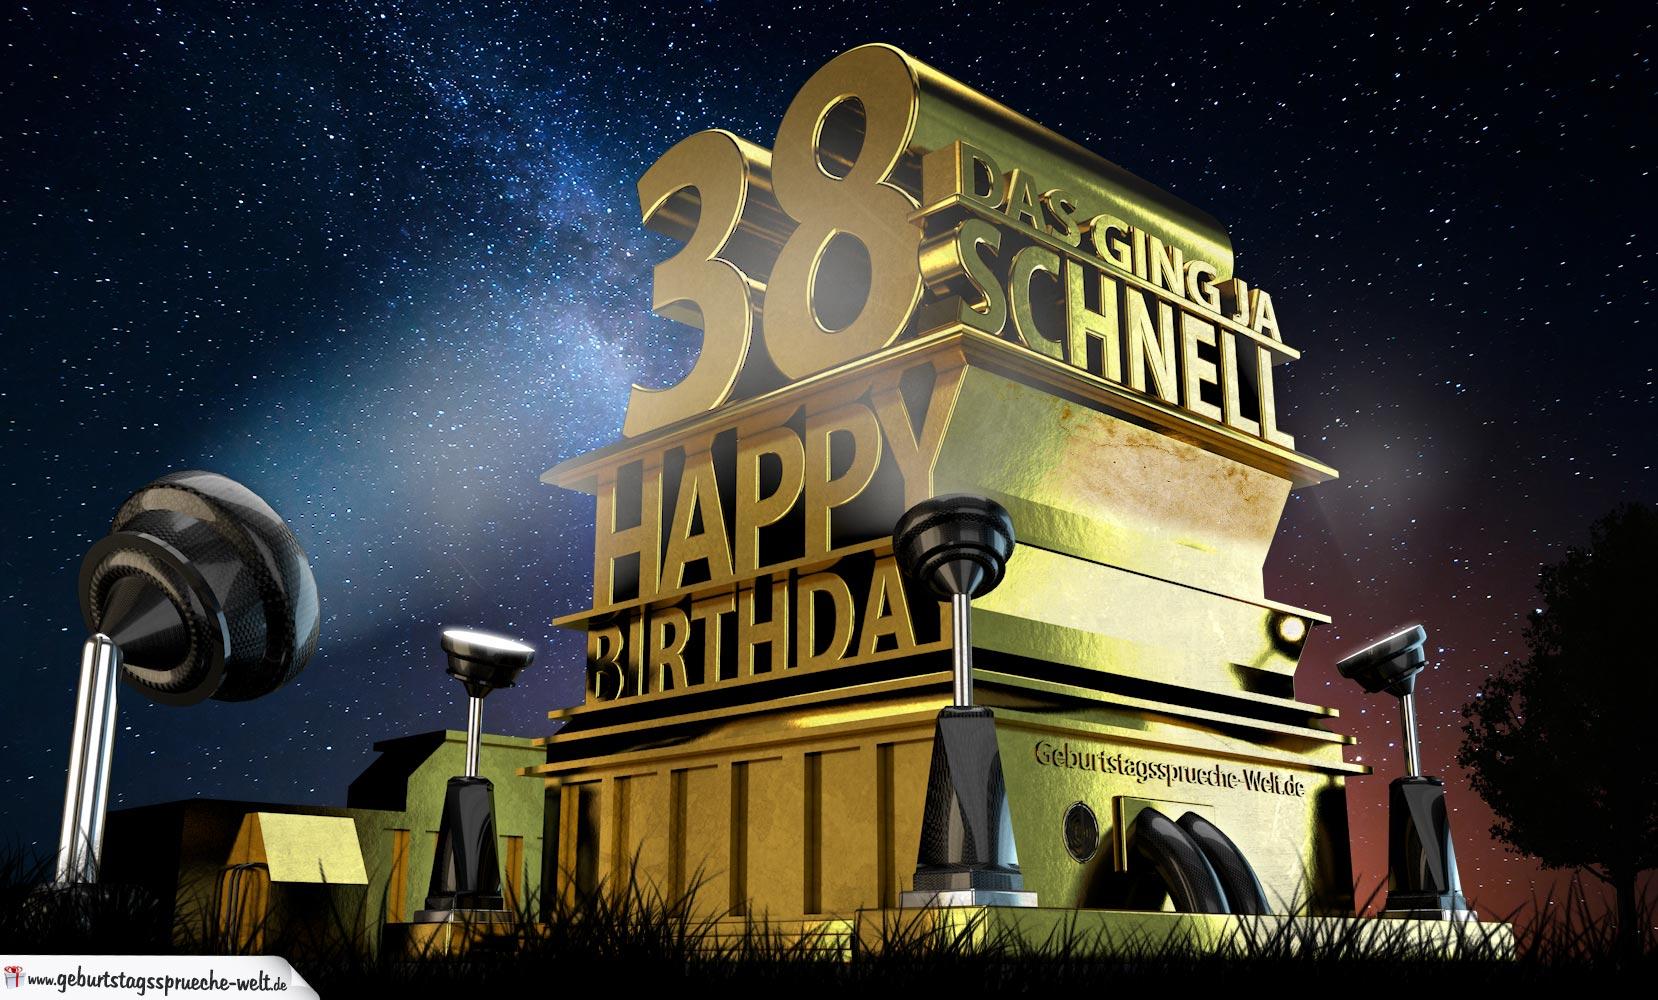 Kostenlose Geburtstagskarte zum 38. Geburtstag im Stile von